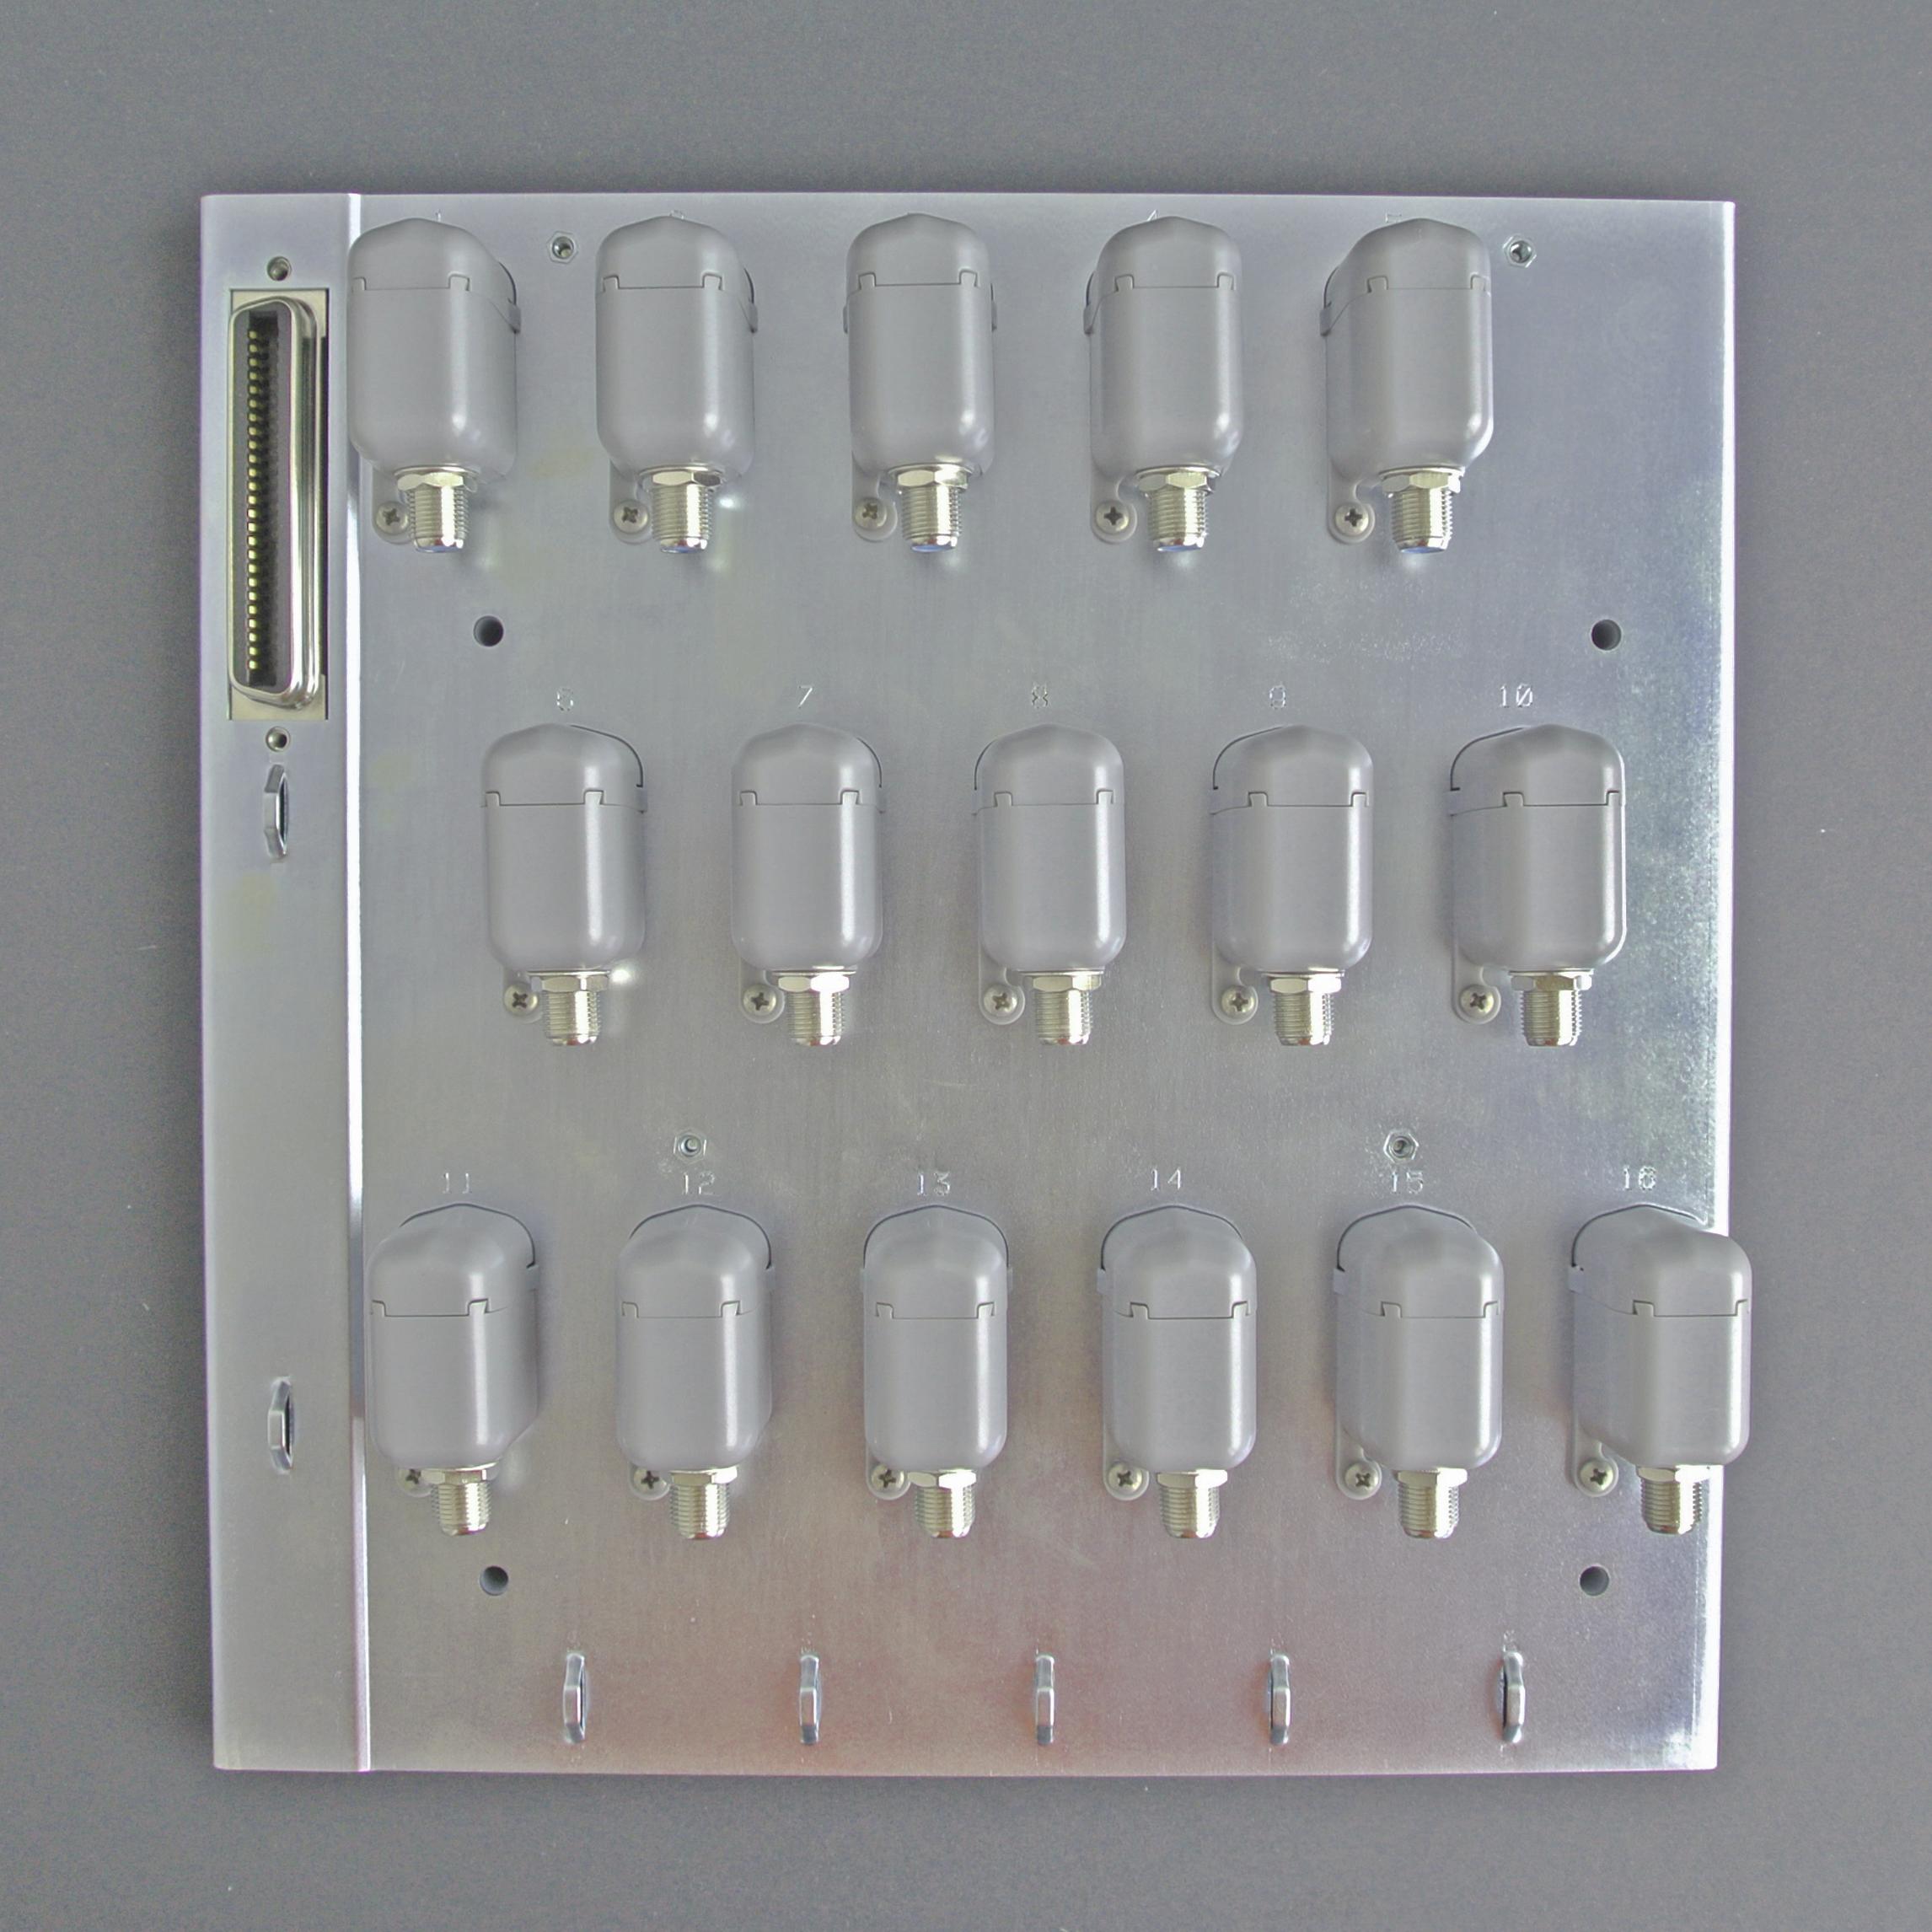 KA1000 product image